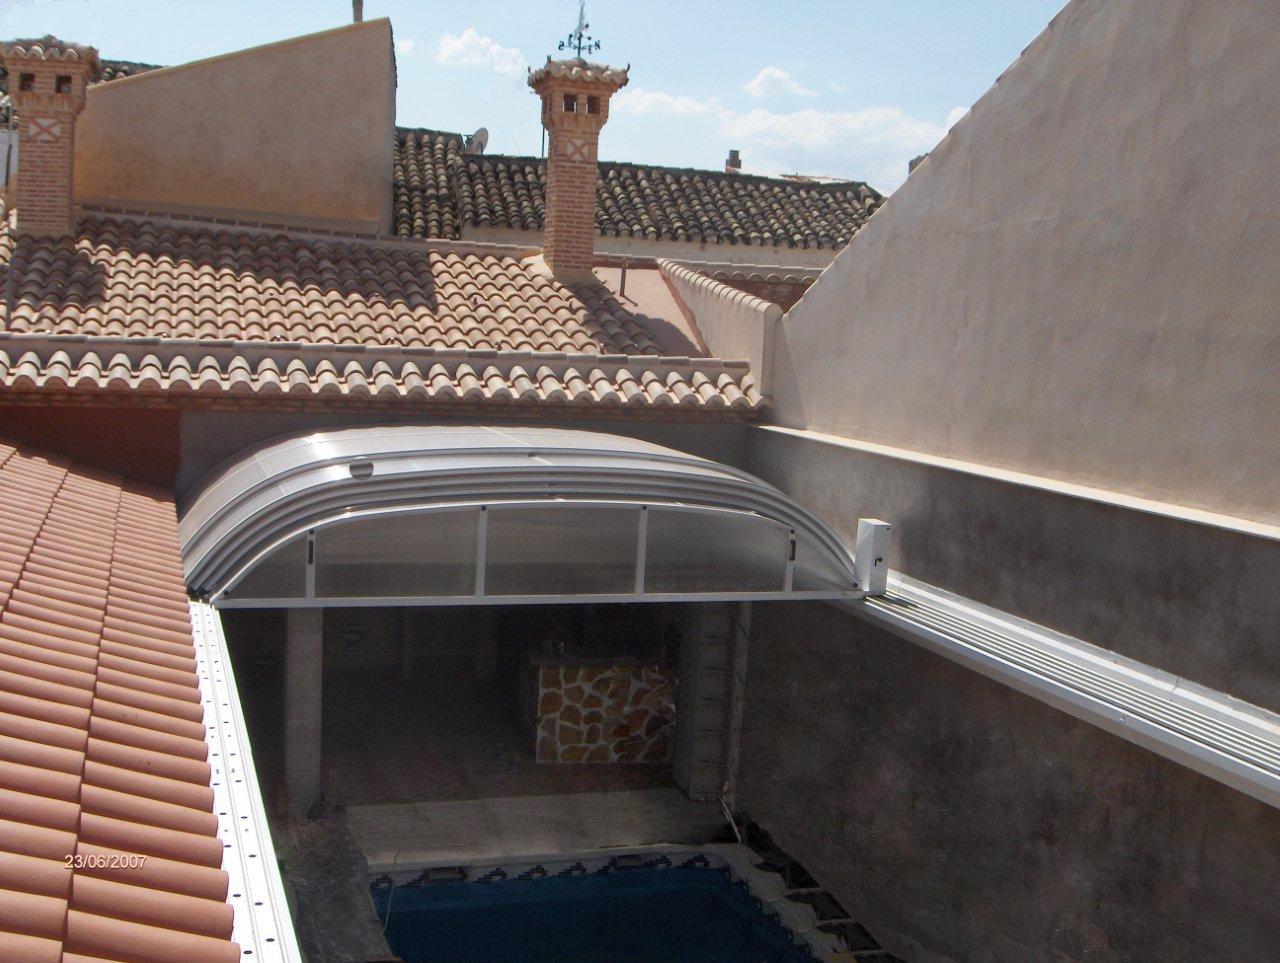 Pistas de padel caretal sarpey padel 644 34 87 47 - Cerramientos para piscina ...